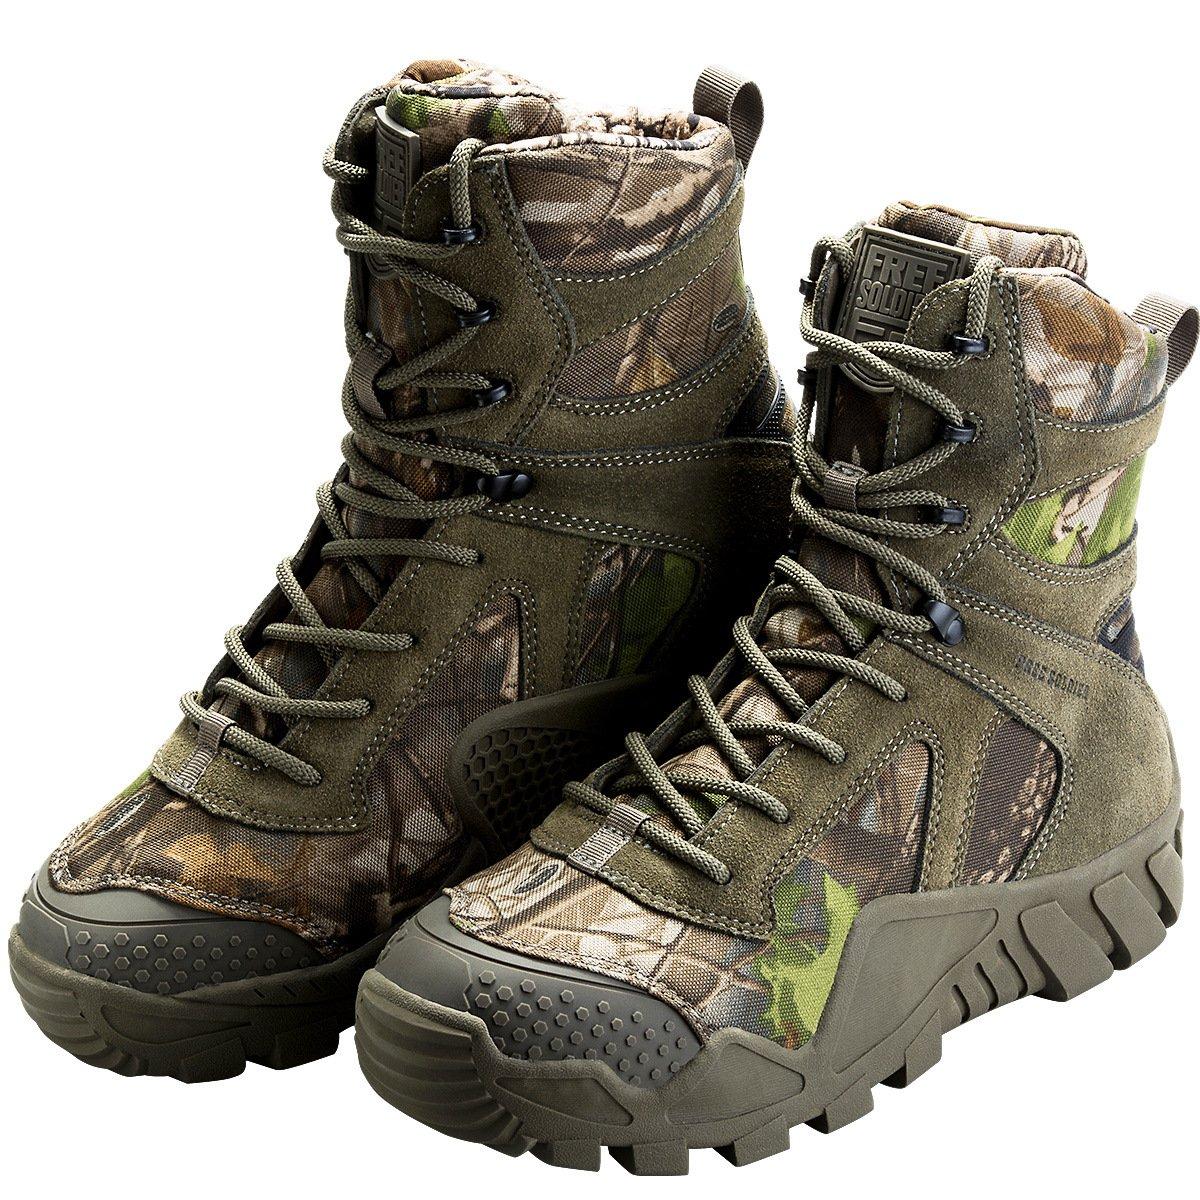 FREE SOLDIER Herren Military Military Military Top Turnschuhe Schuhe Tactical Wandern Stiefel Schnürschuh Arbeit Combat All Terrain Verschleißfest Stiefel 3 Farben 3c5e50